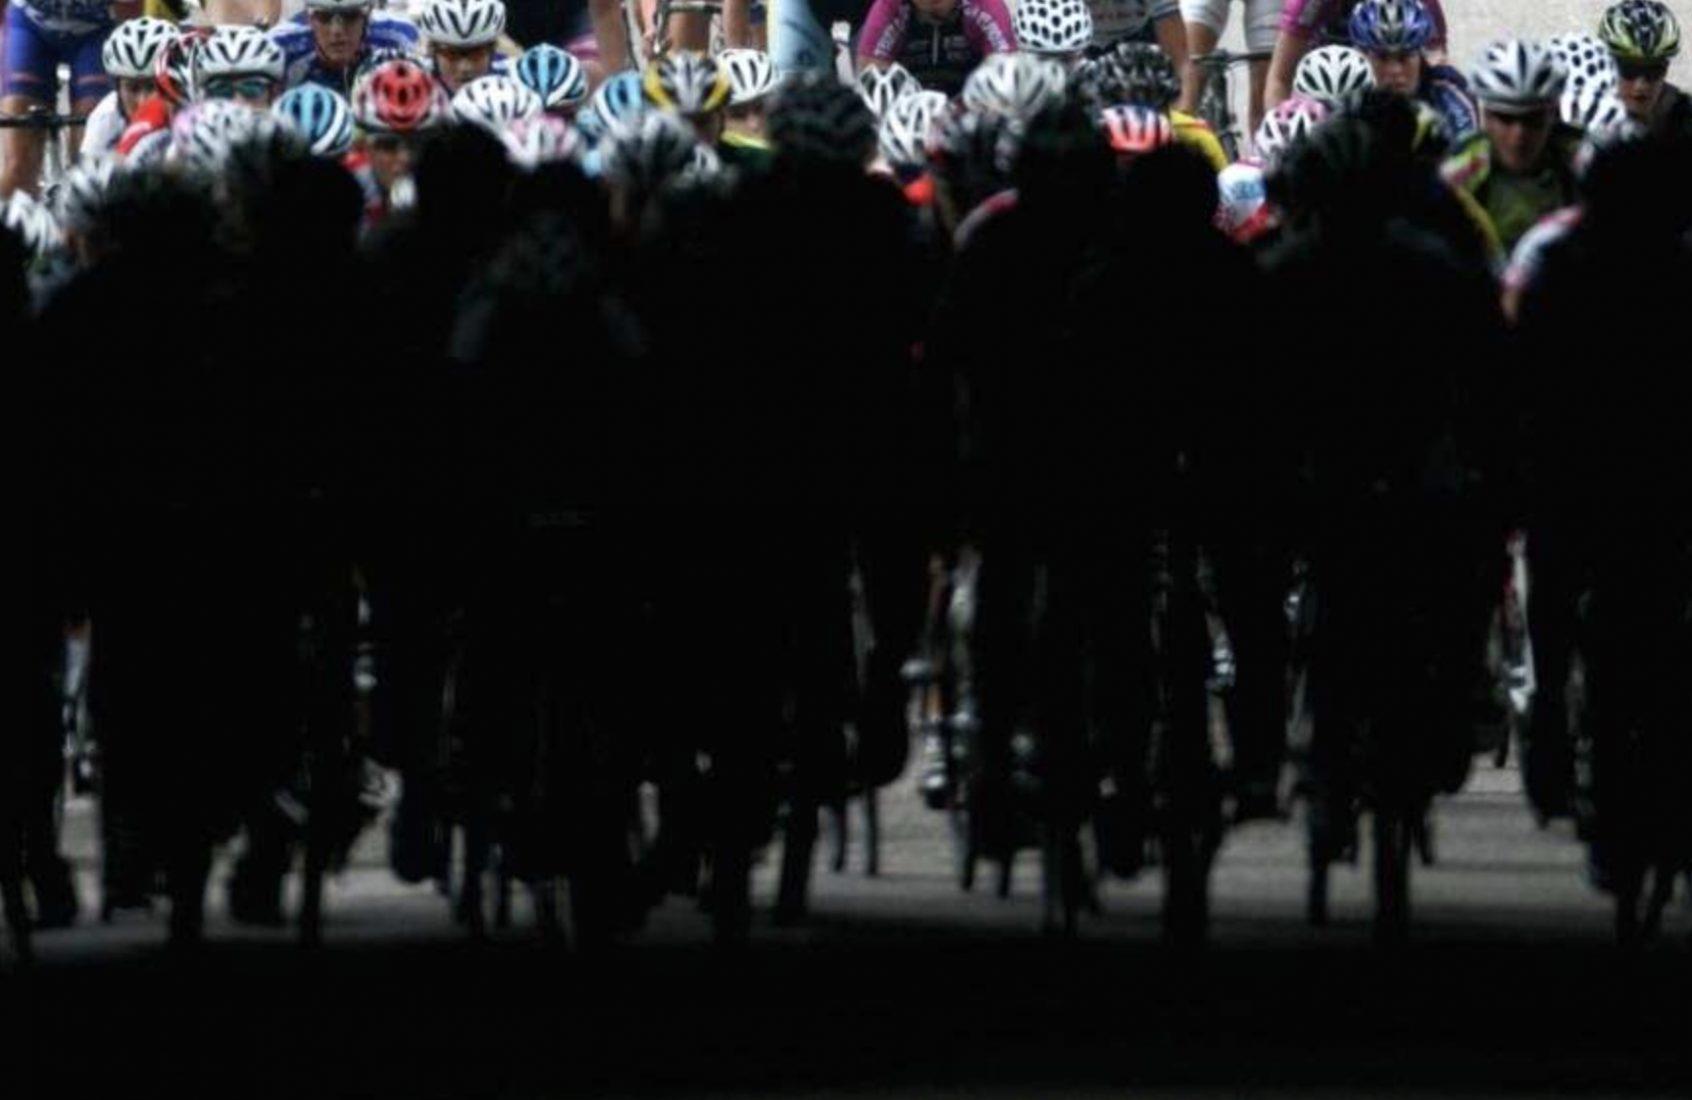 La Federazione olandese avrebbe nascosto un caso di doping